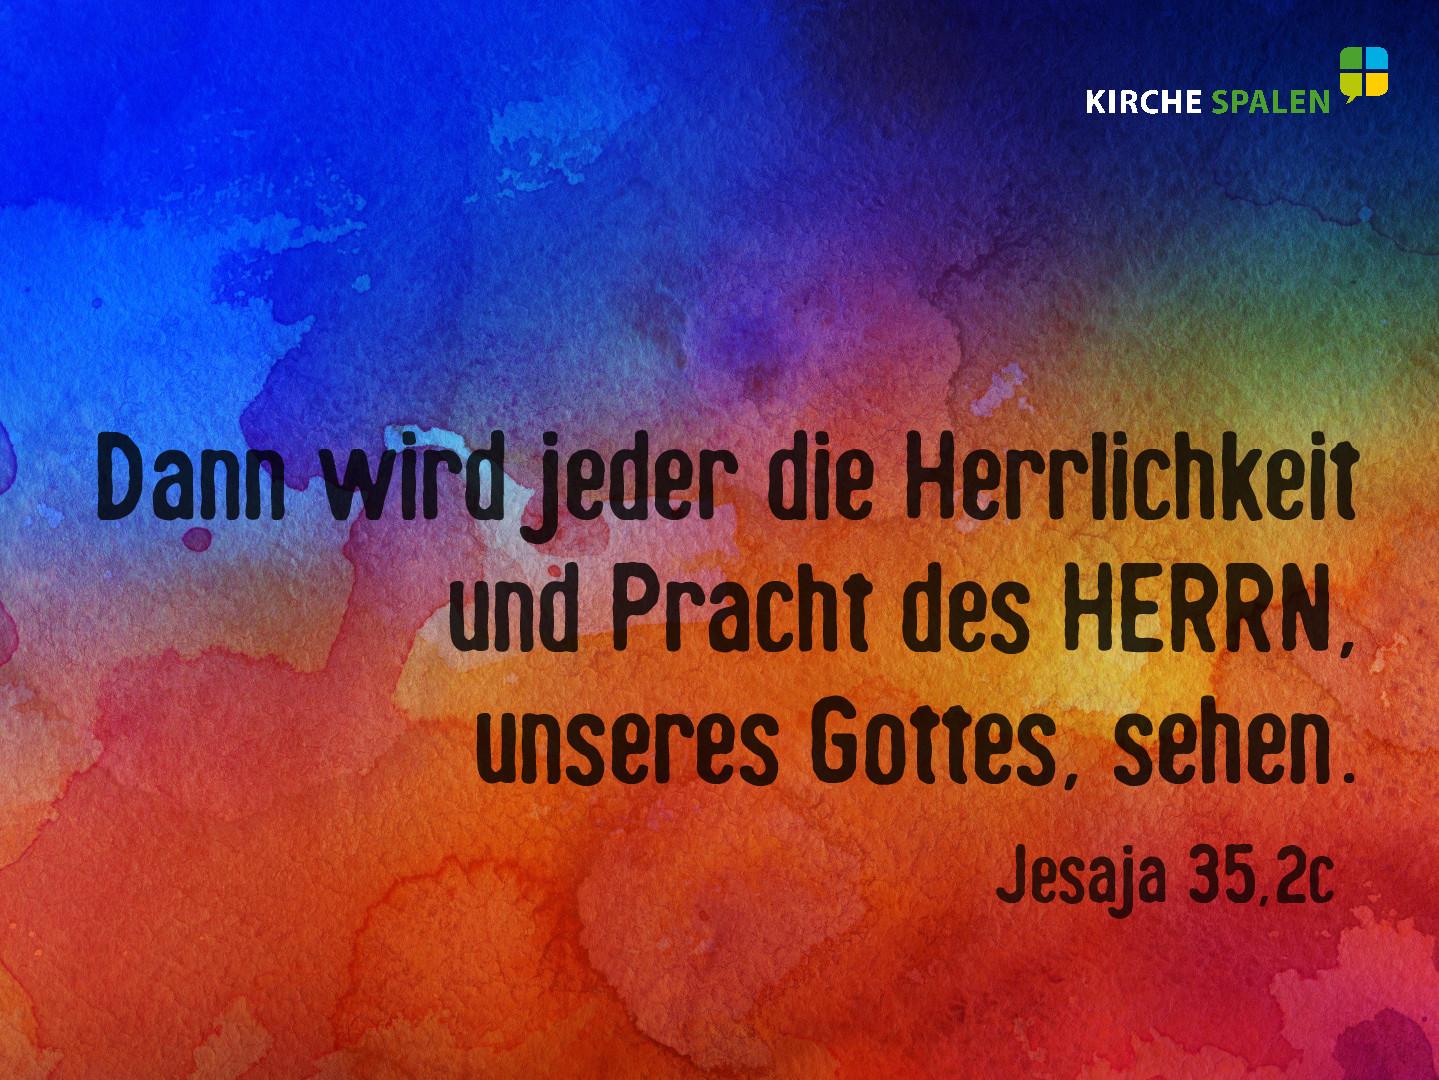 Jesaja35,2c